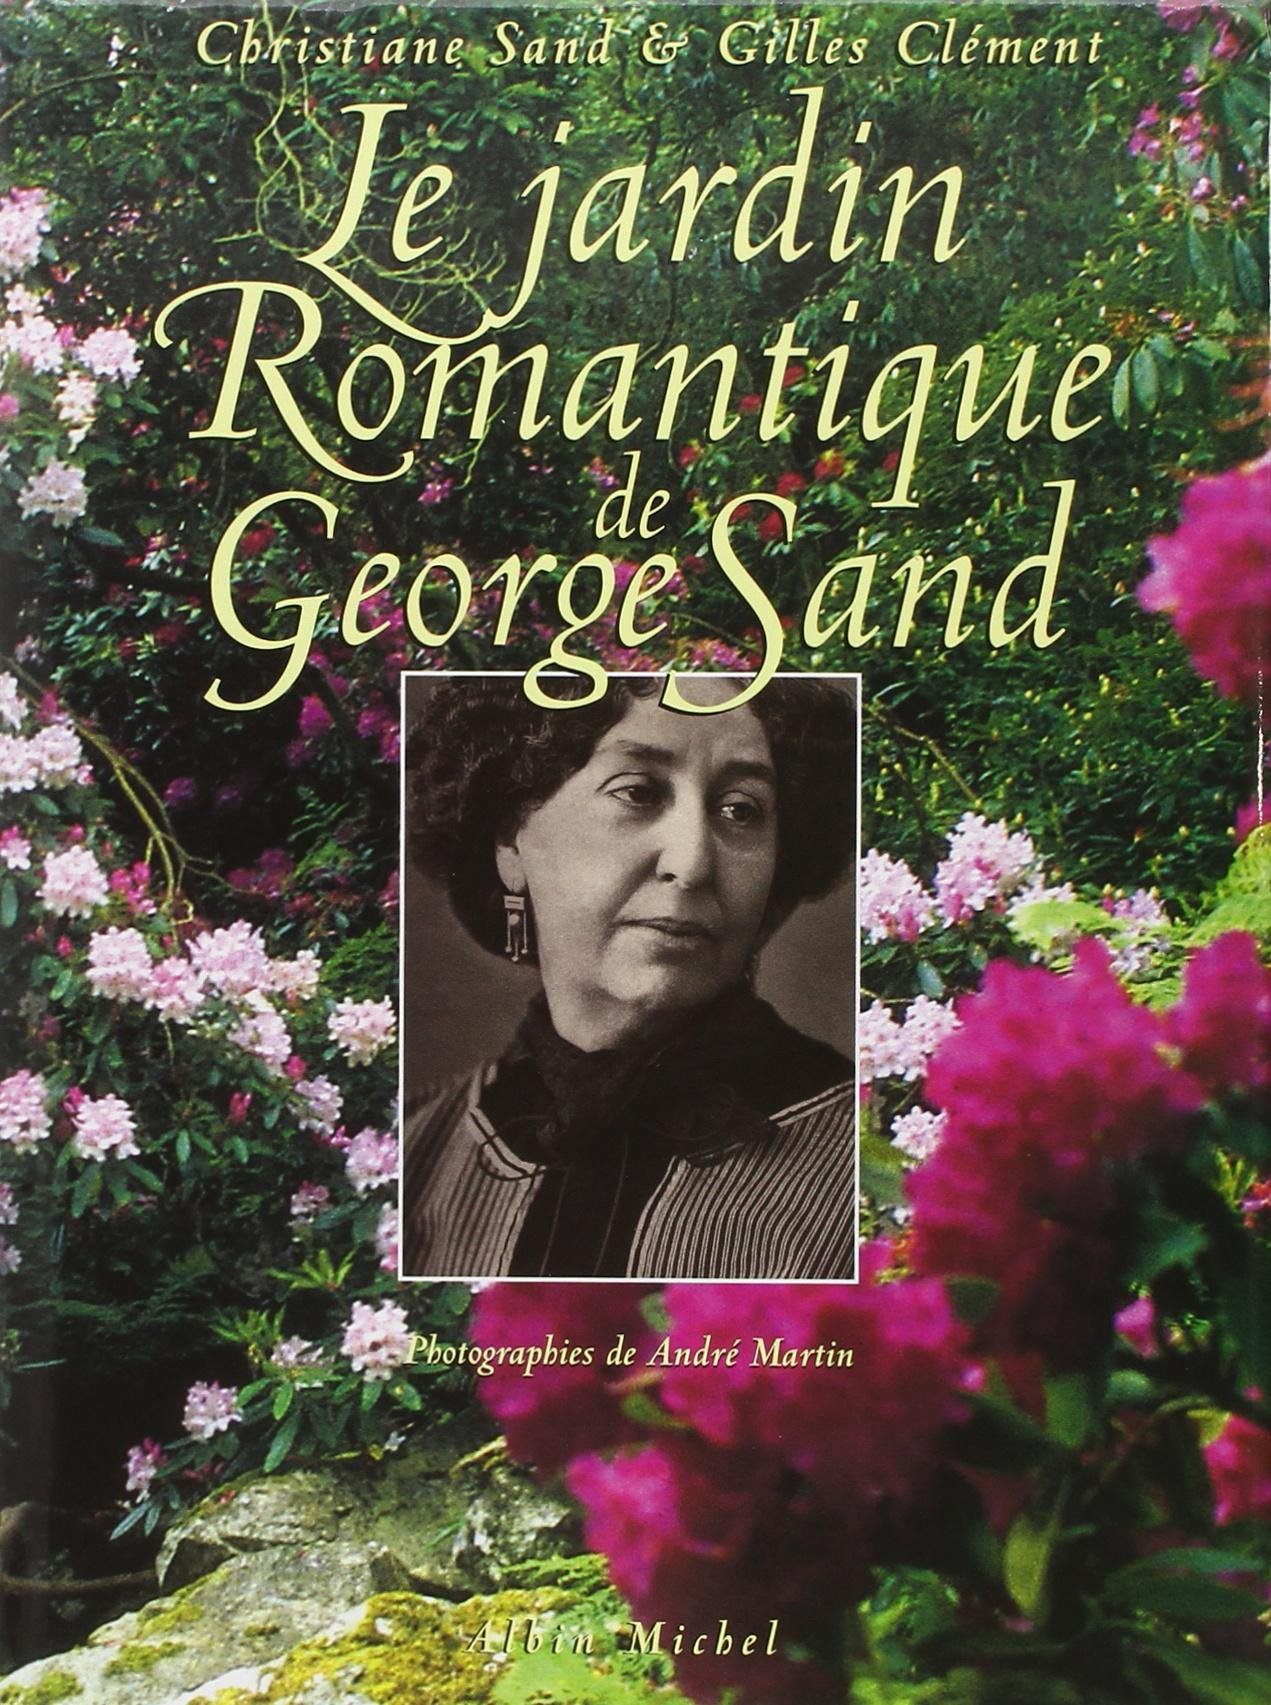 Jardin Romantique de George Sand (Le) (Photos): Amazon.de: Plusieurs ...